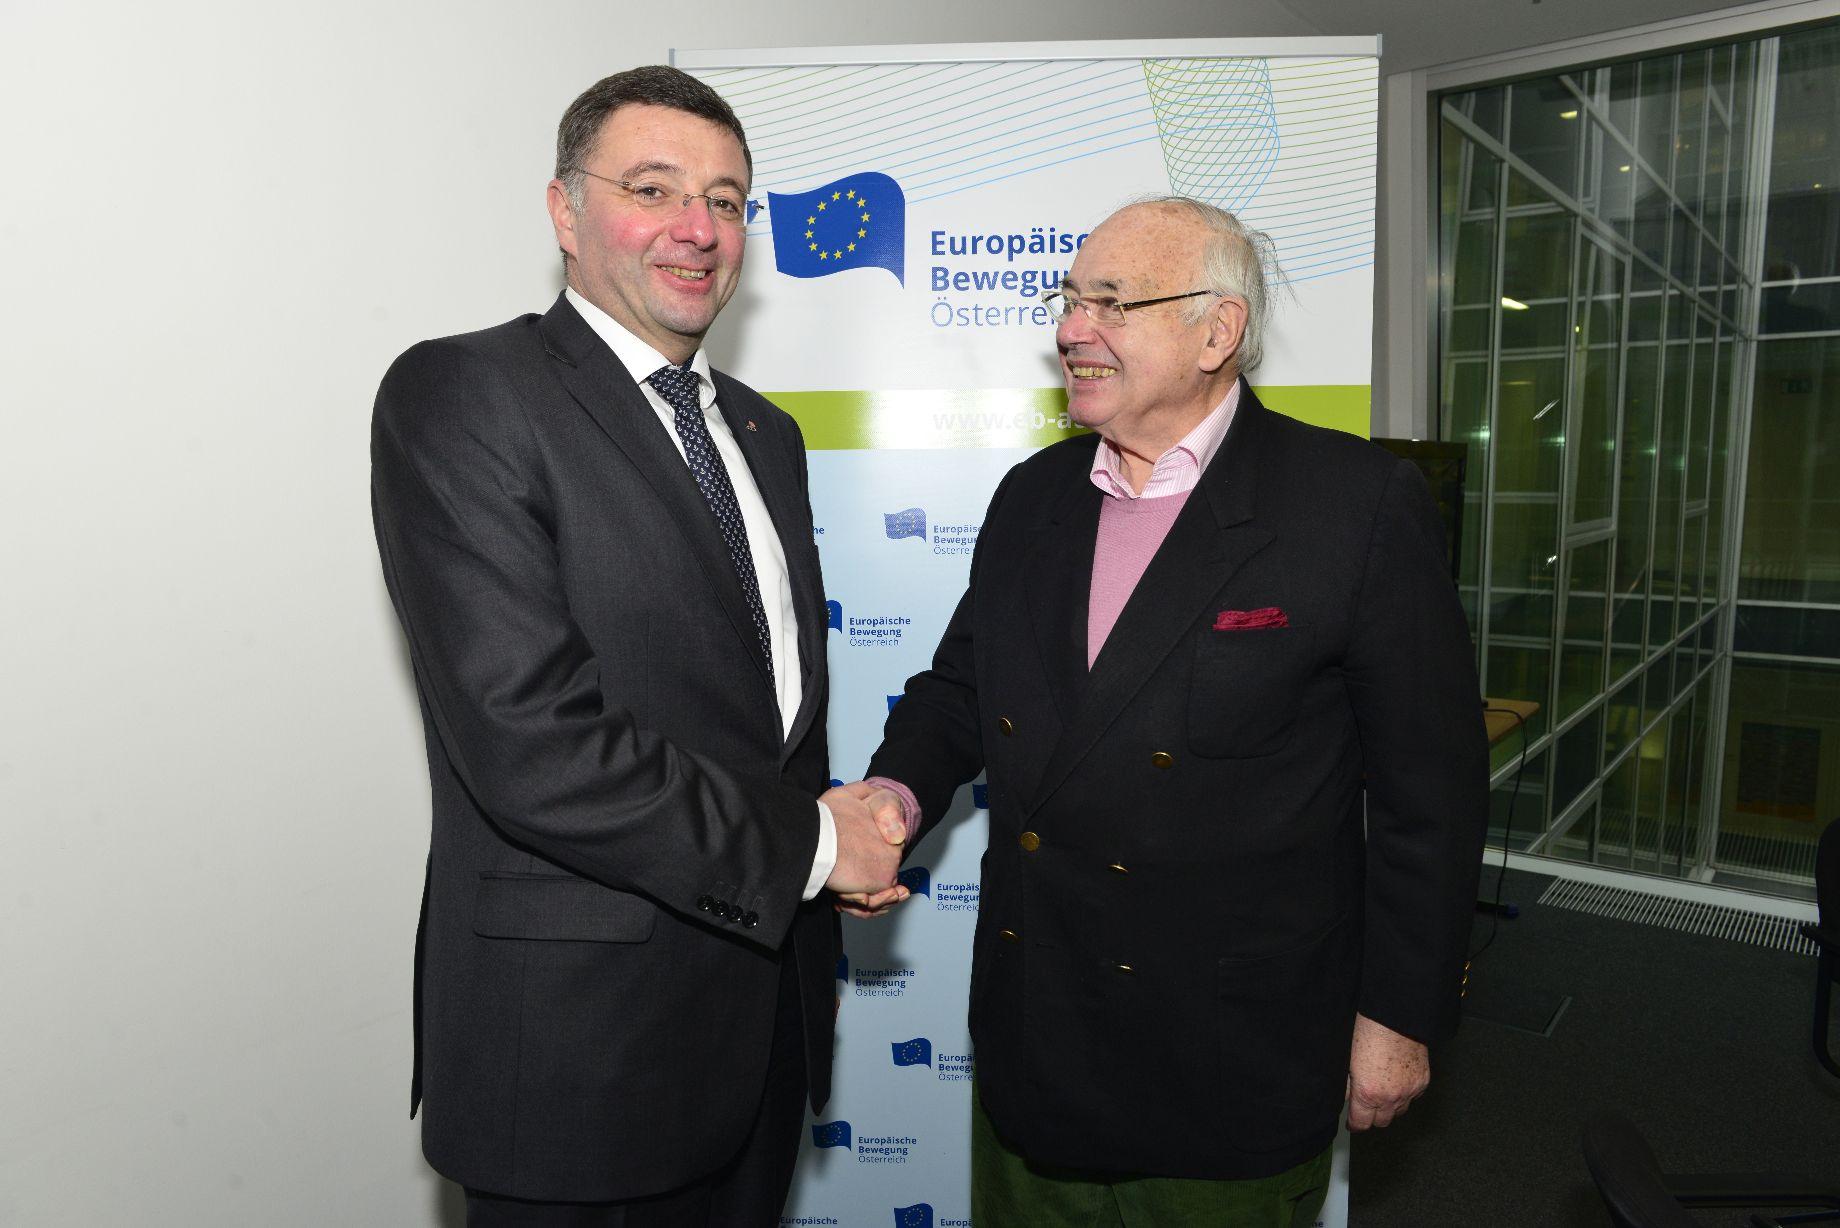 Relaunch der Europäischen Bewegung Österreich als Plattform der proeuropäischen Kräfte